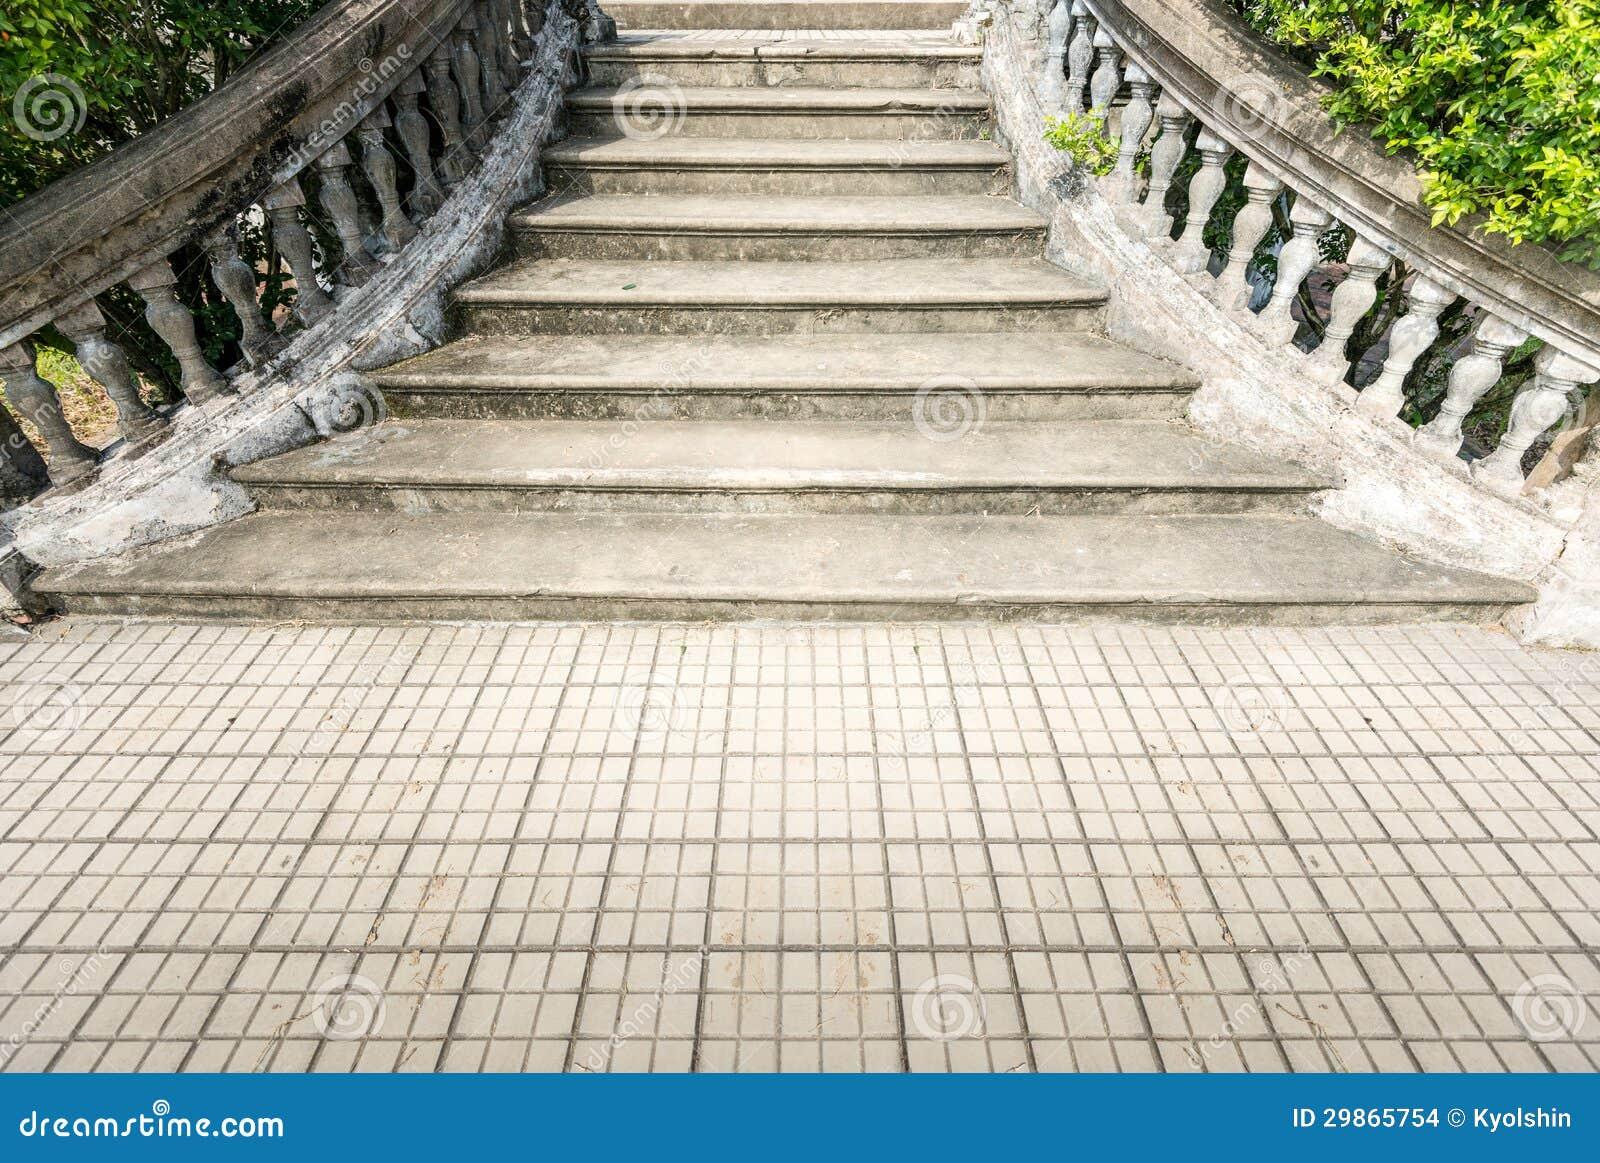 Vieil escalier en pierre sale ext rieur en t images for Pierre escalier exterieur